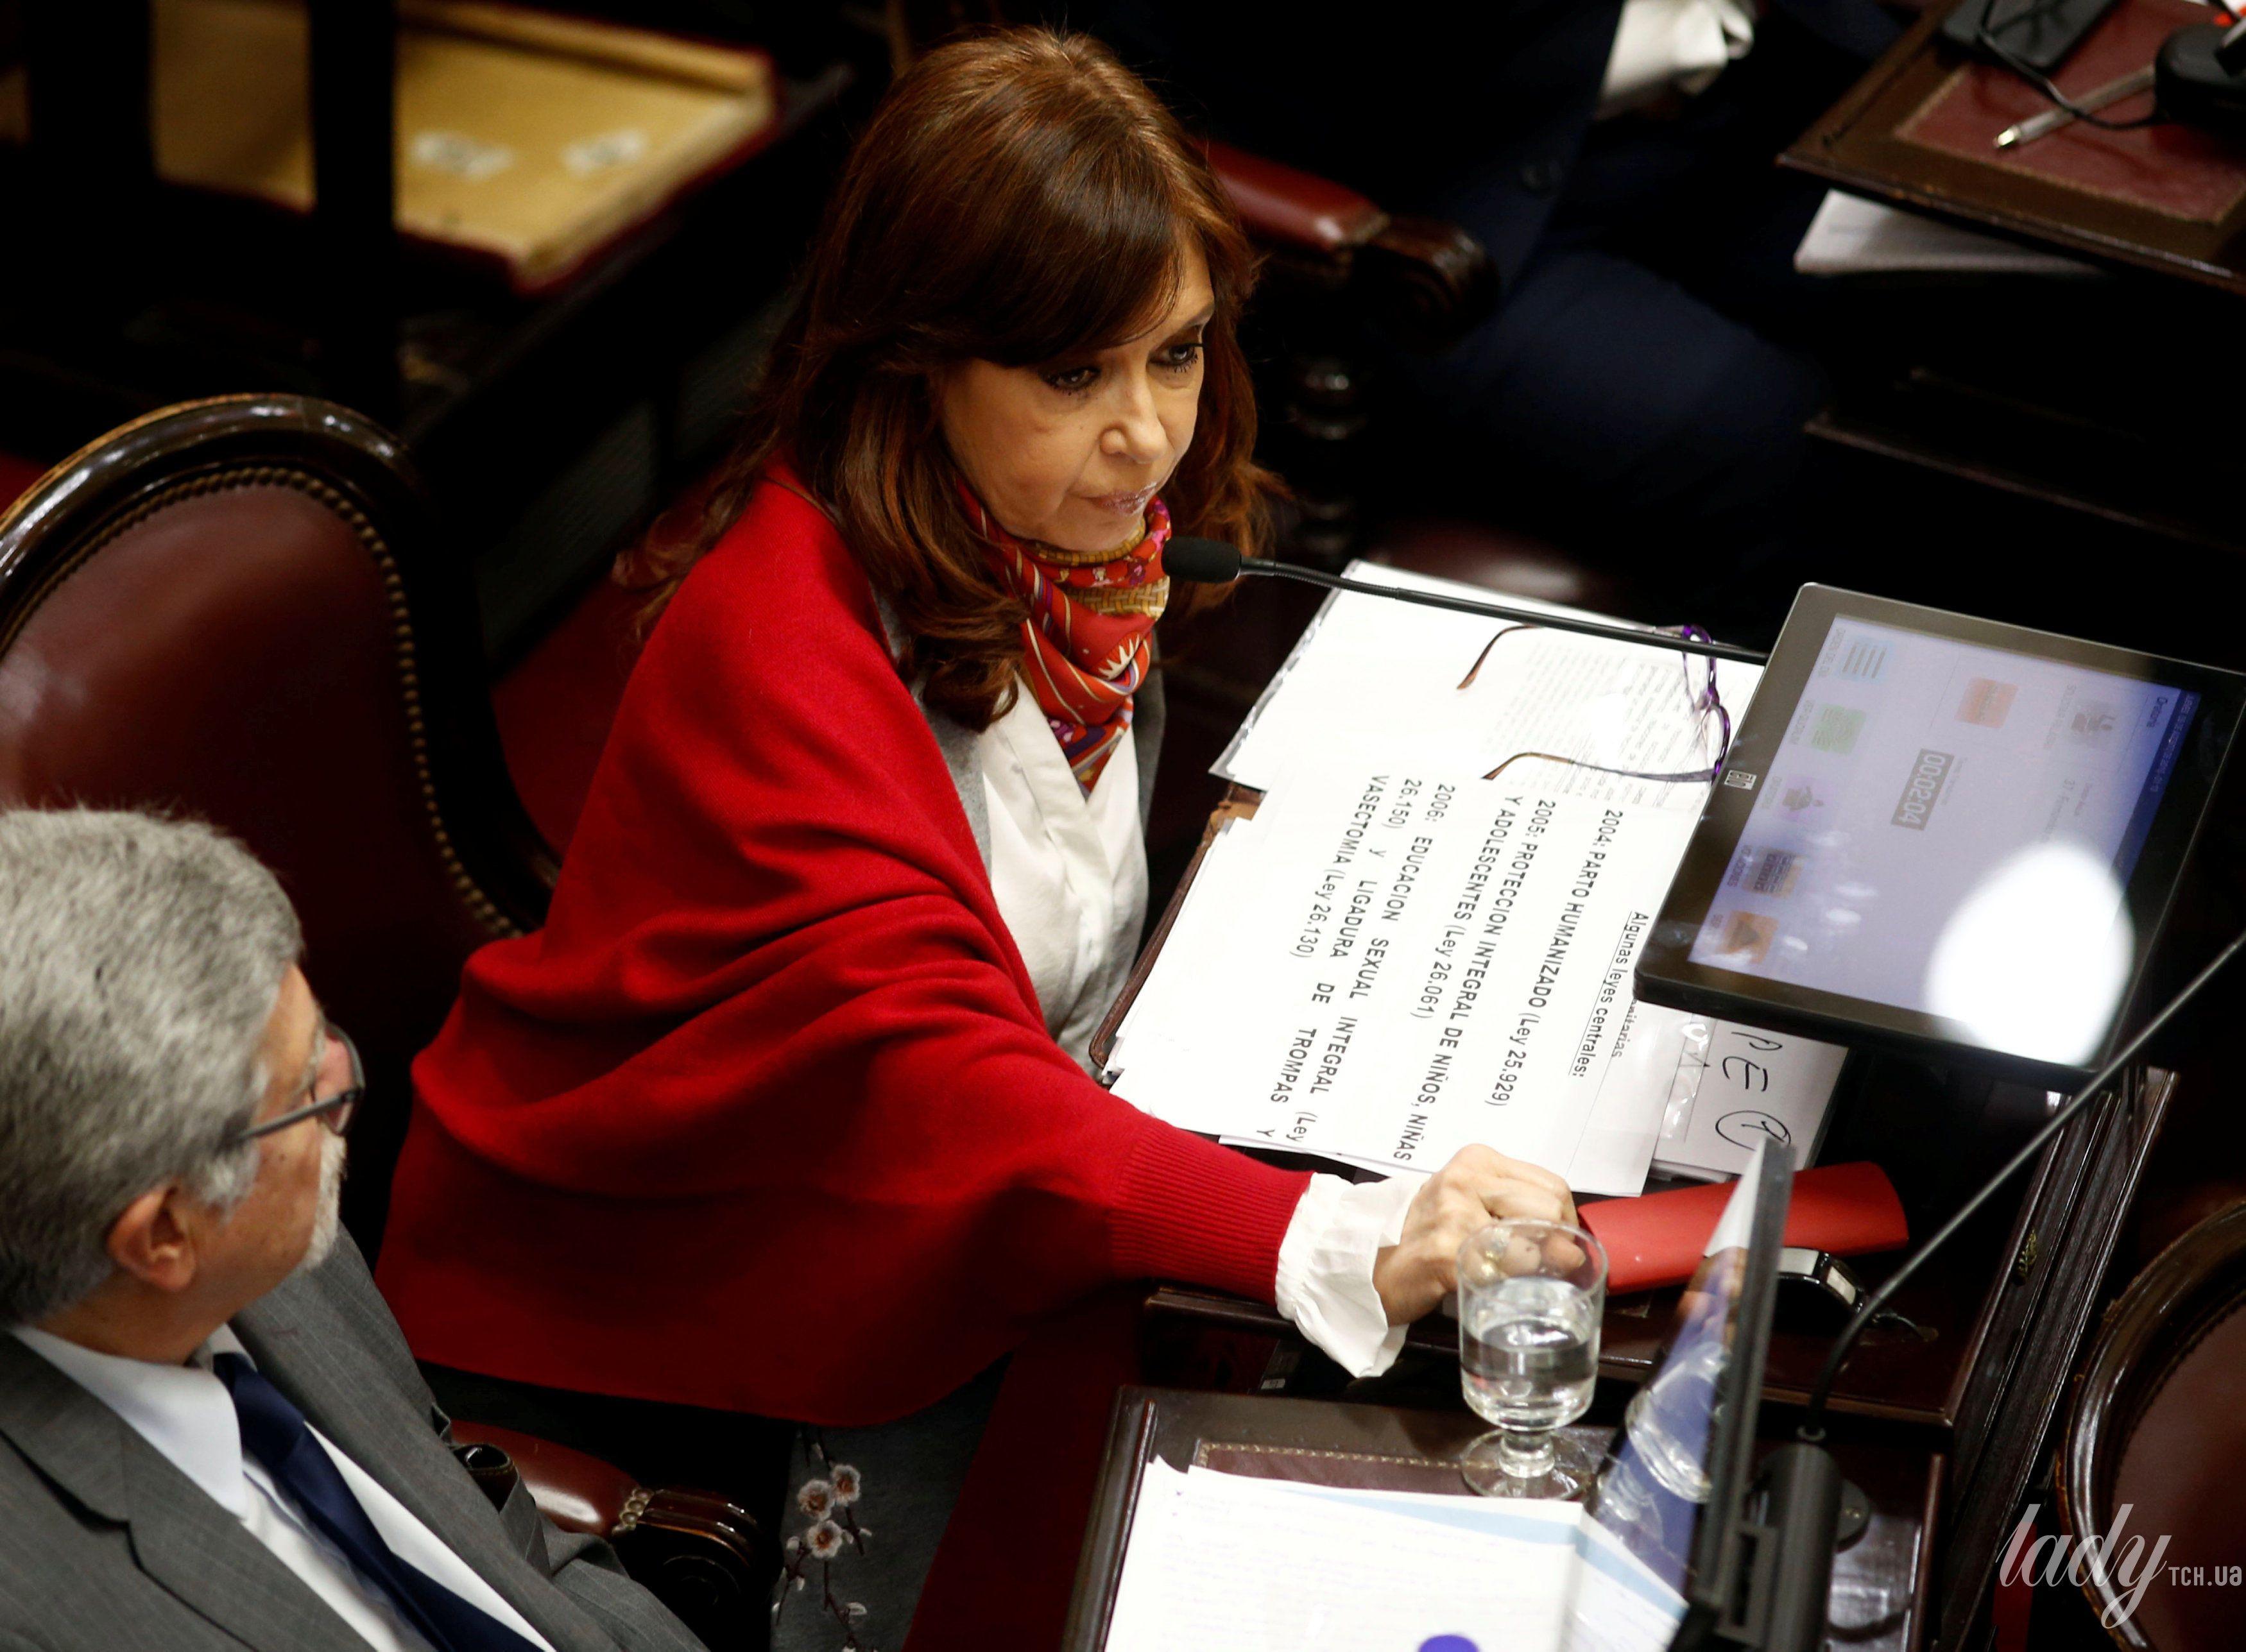 Бывший президент Аргентины Кристина Фернандес де Киршнер_3